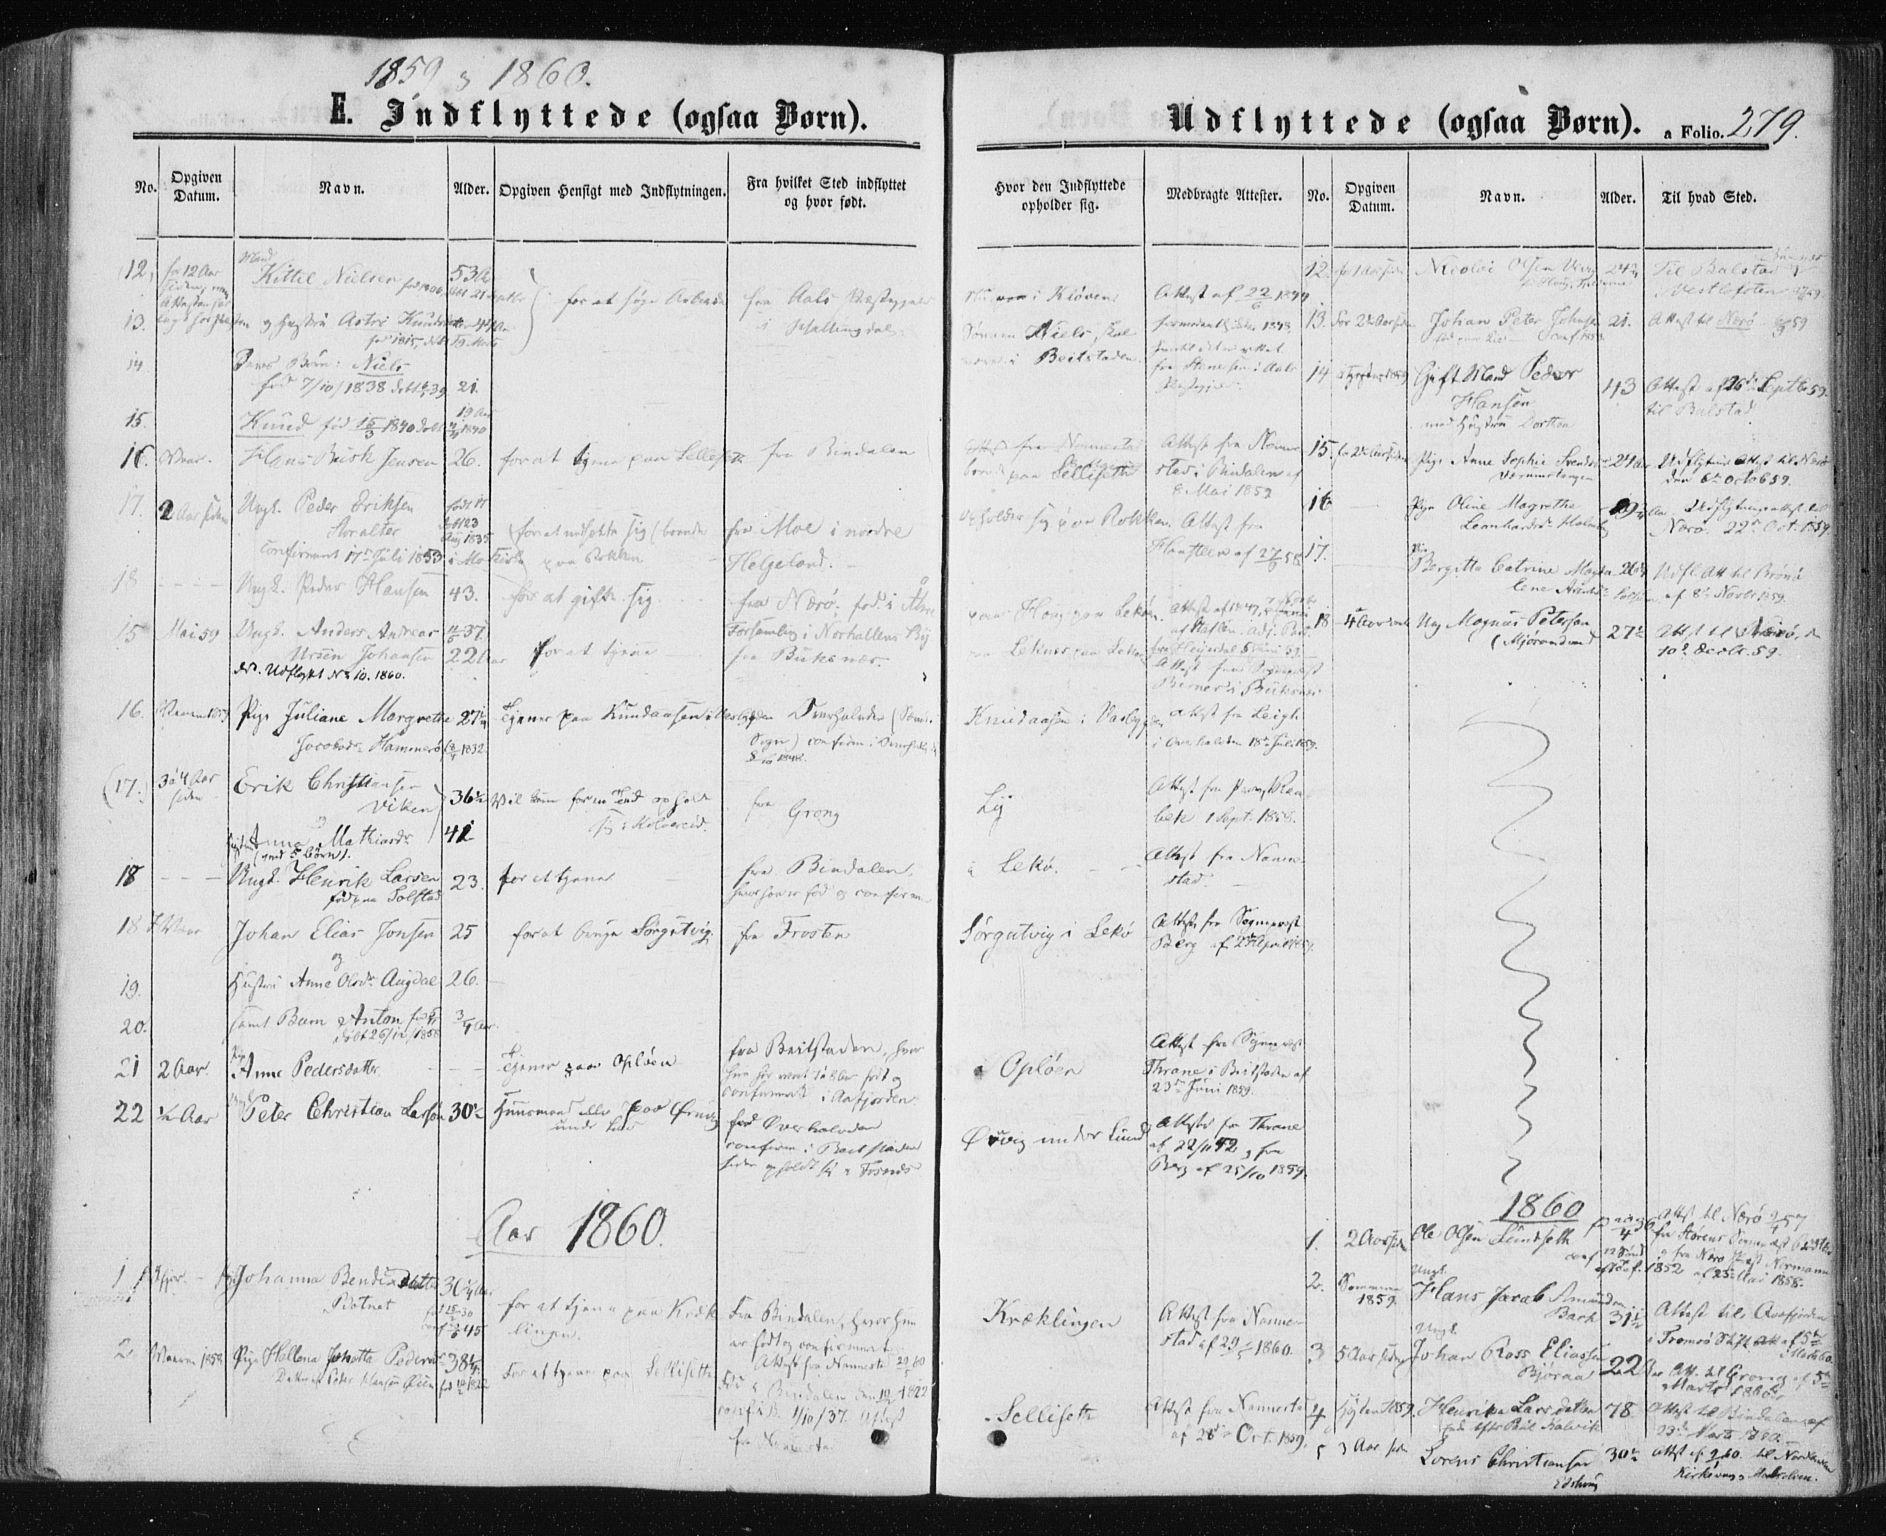 SAT, Ministerialprotokoller, klokkerbøker og fødselsregistre - Nord-Trøndelag, 780/L0641: Ministerialbok nr. 780A06, 1857-1874, s. 279